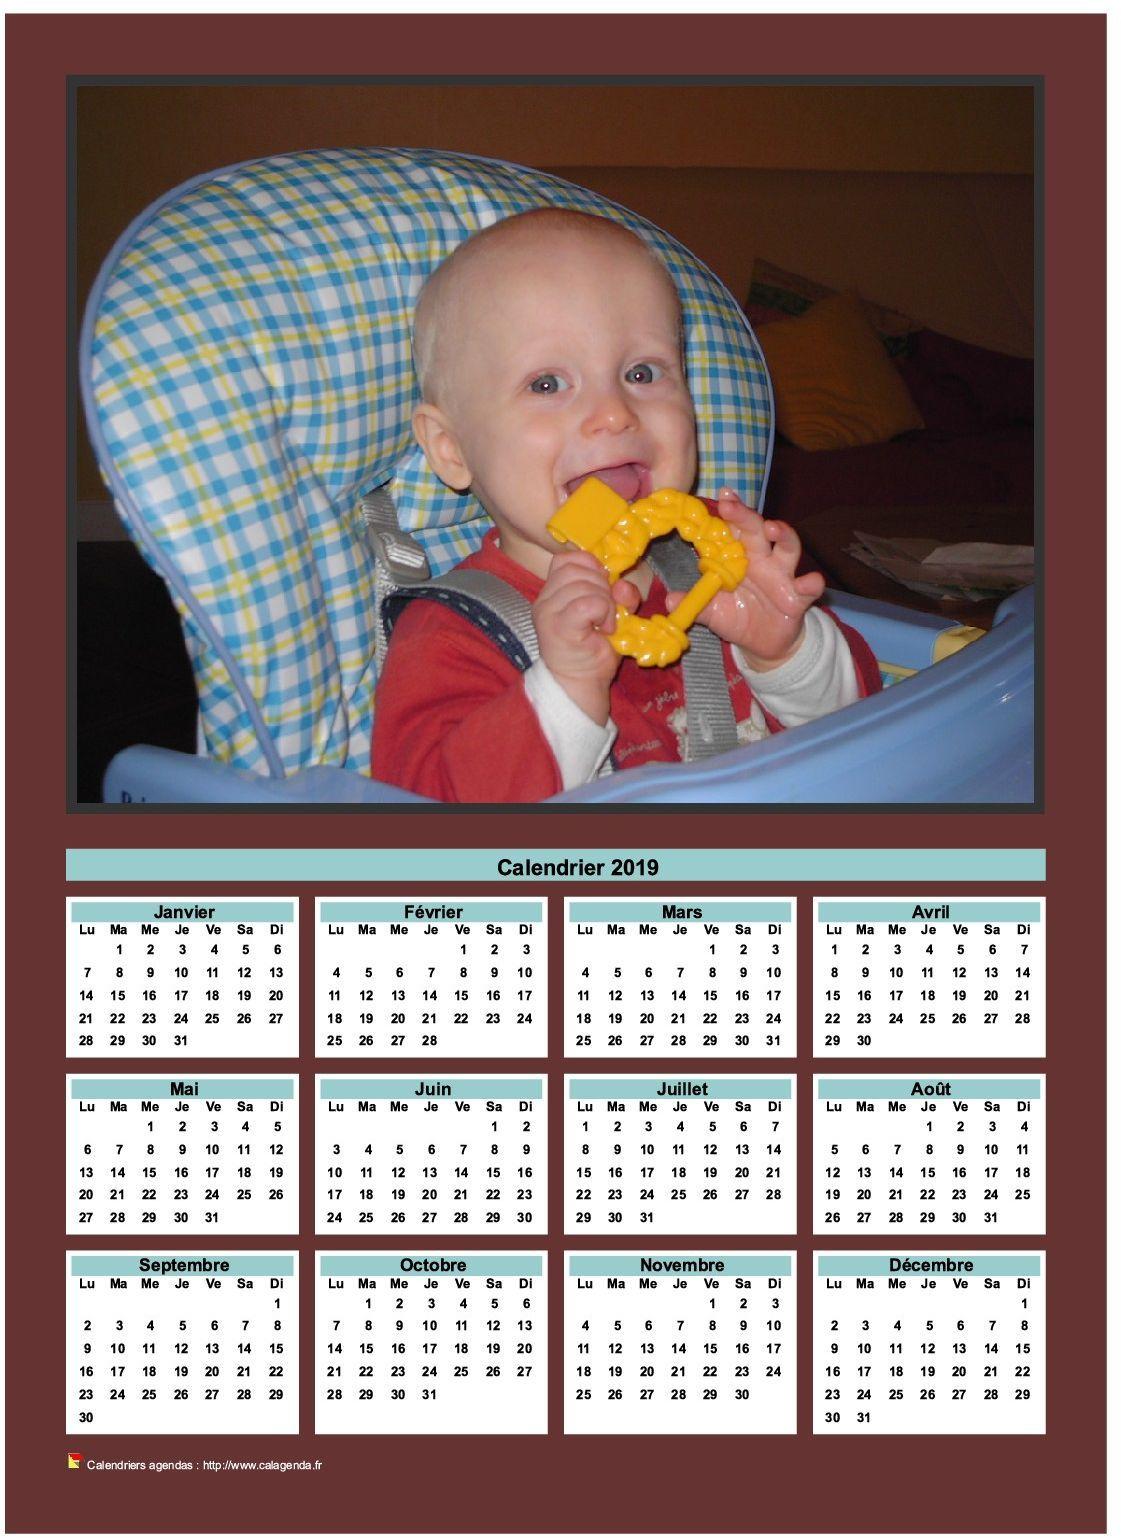 Calendrier 2019 annuel imprimer avec photo de famille calendriers 2019 calendar 2019 - Photo de violetta a imprimer gratuit ...